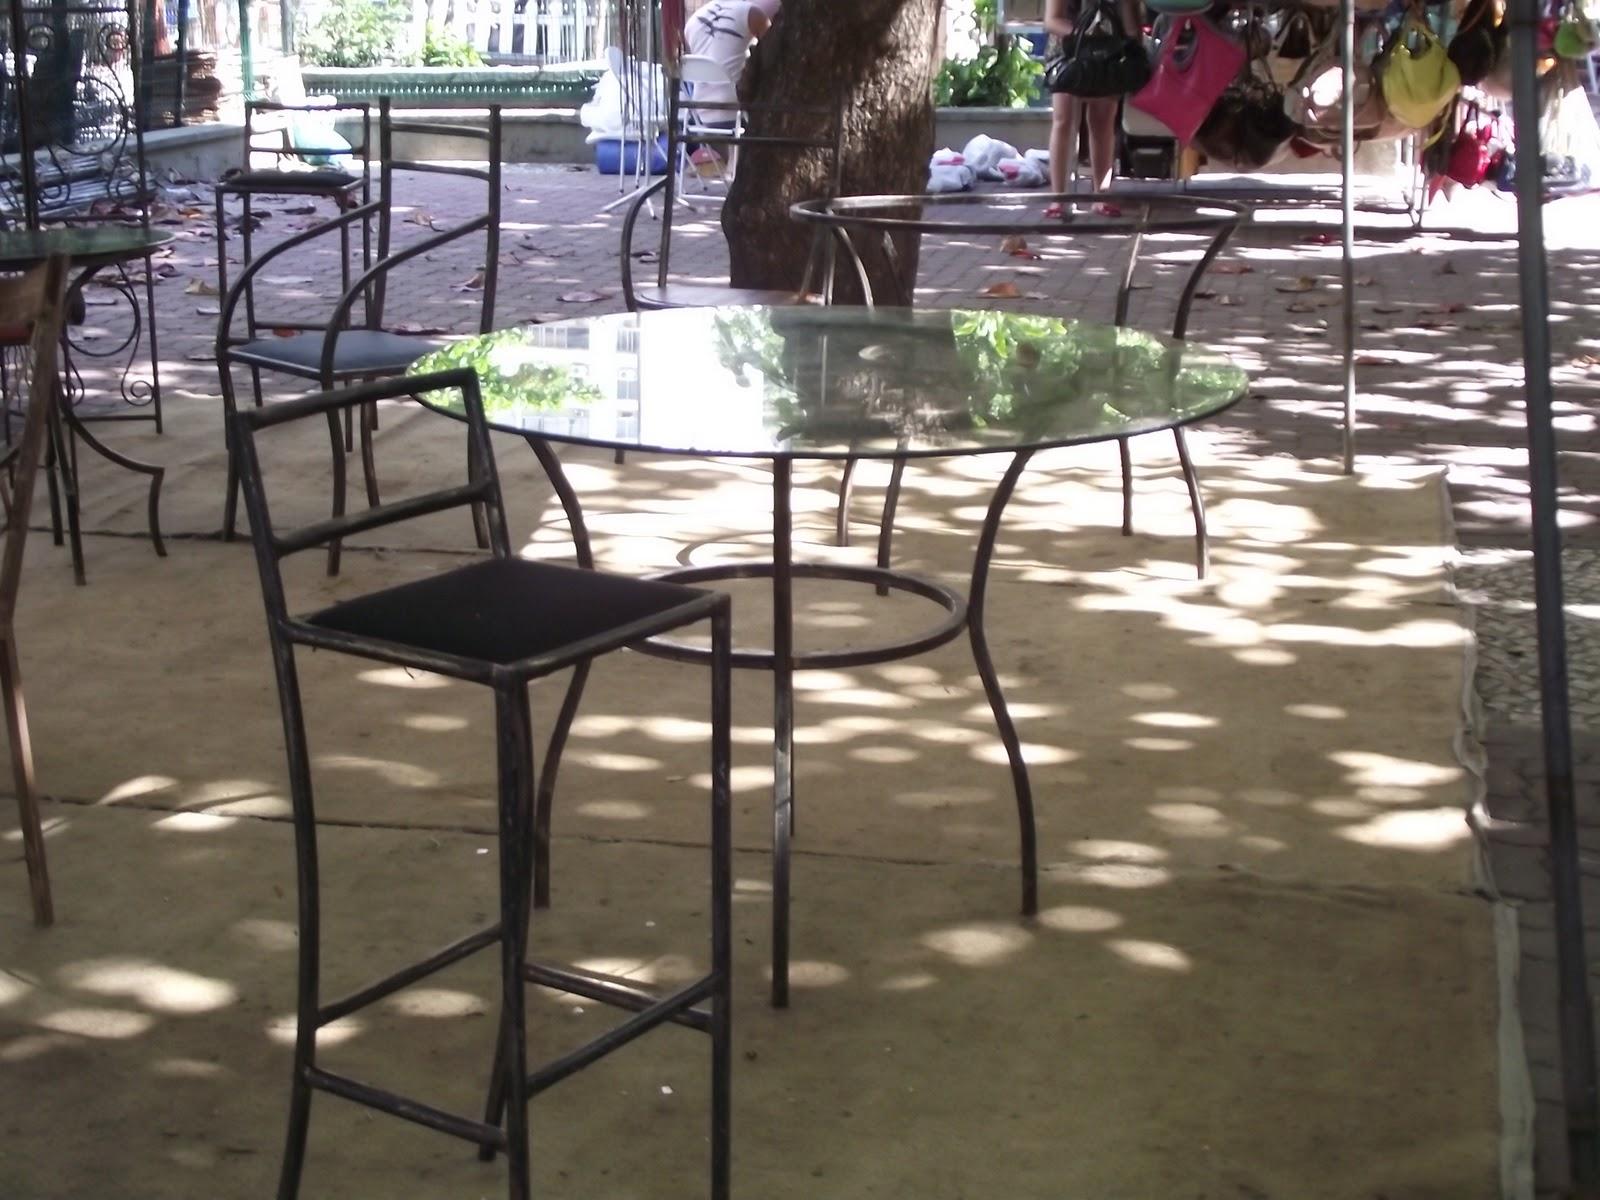 Artes da Feira Hippie de Ipanema: Móveis em ferro e madeira reciclada #7D6F4E 1600x1200